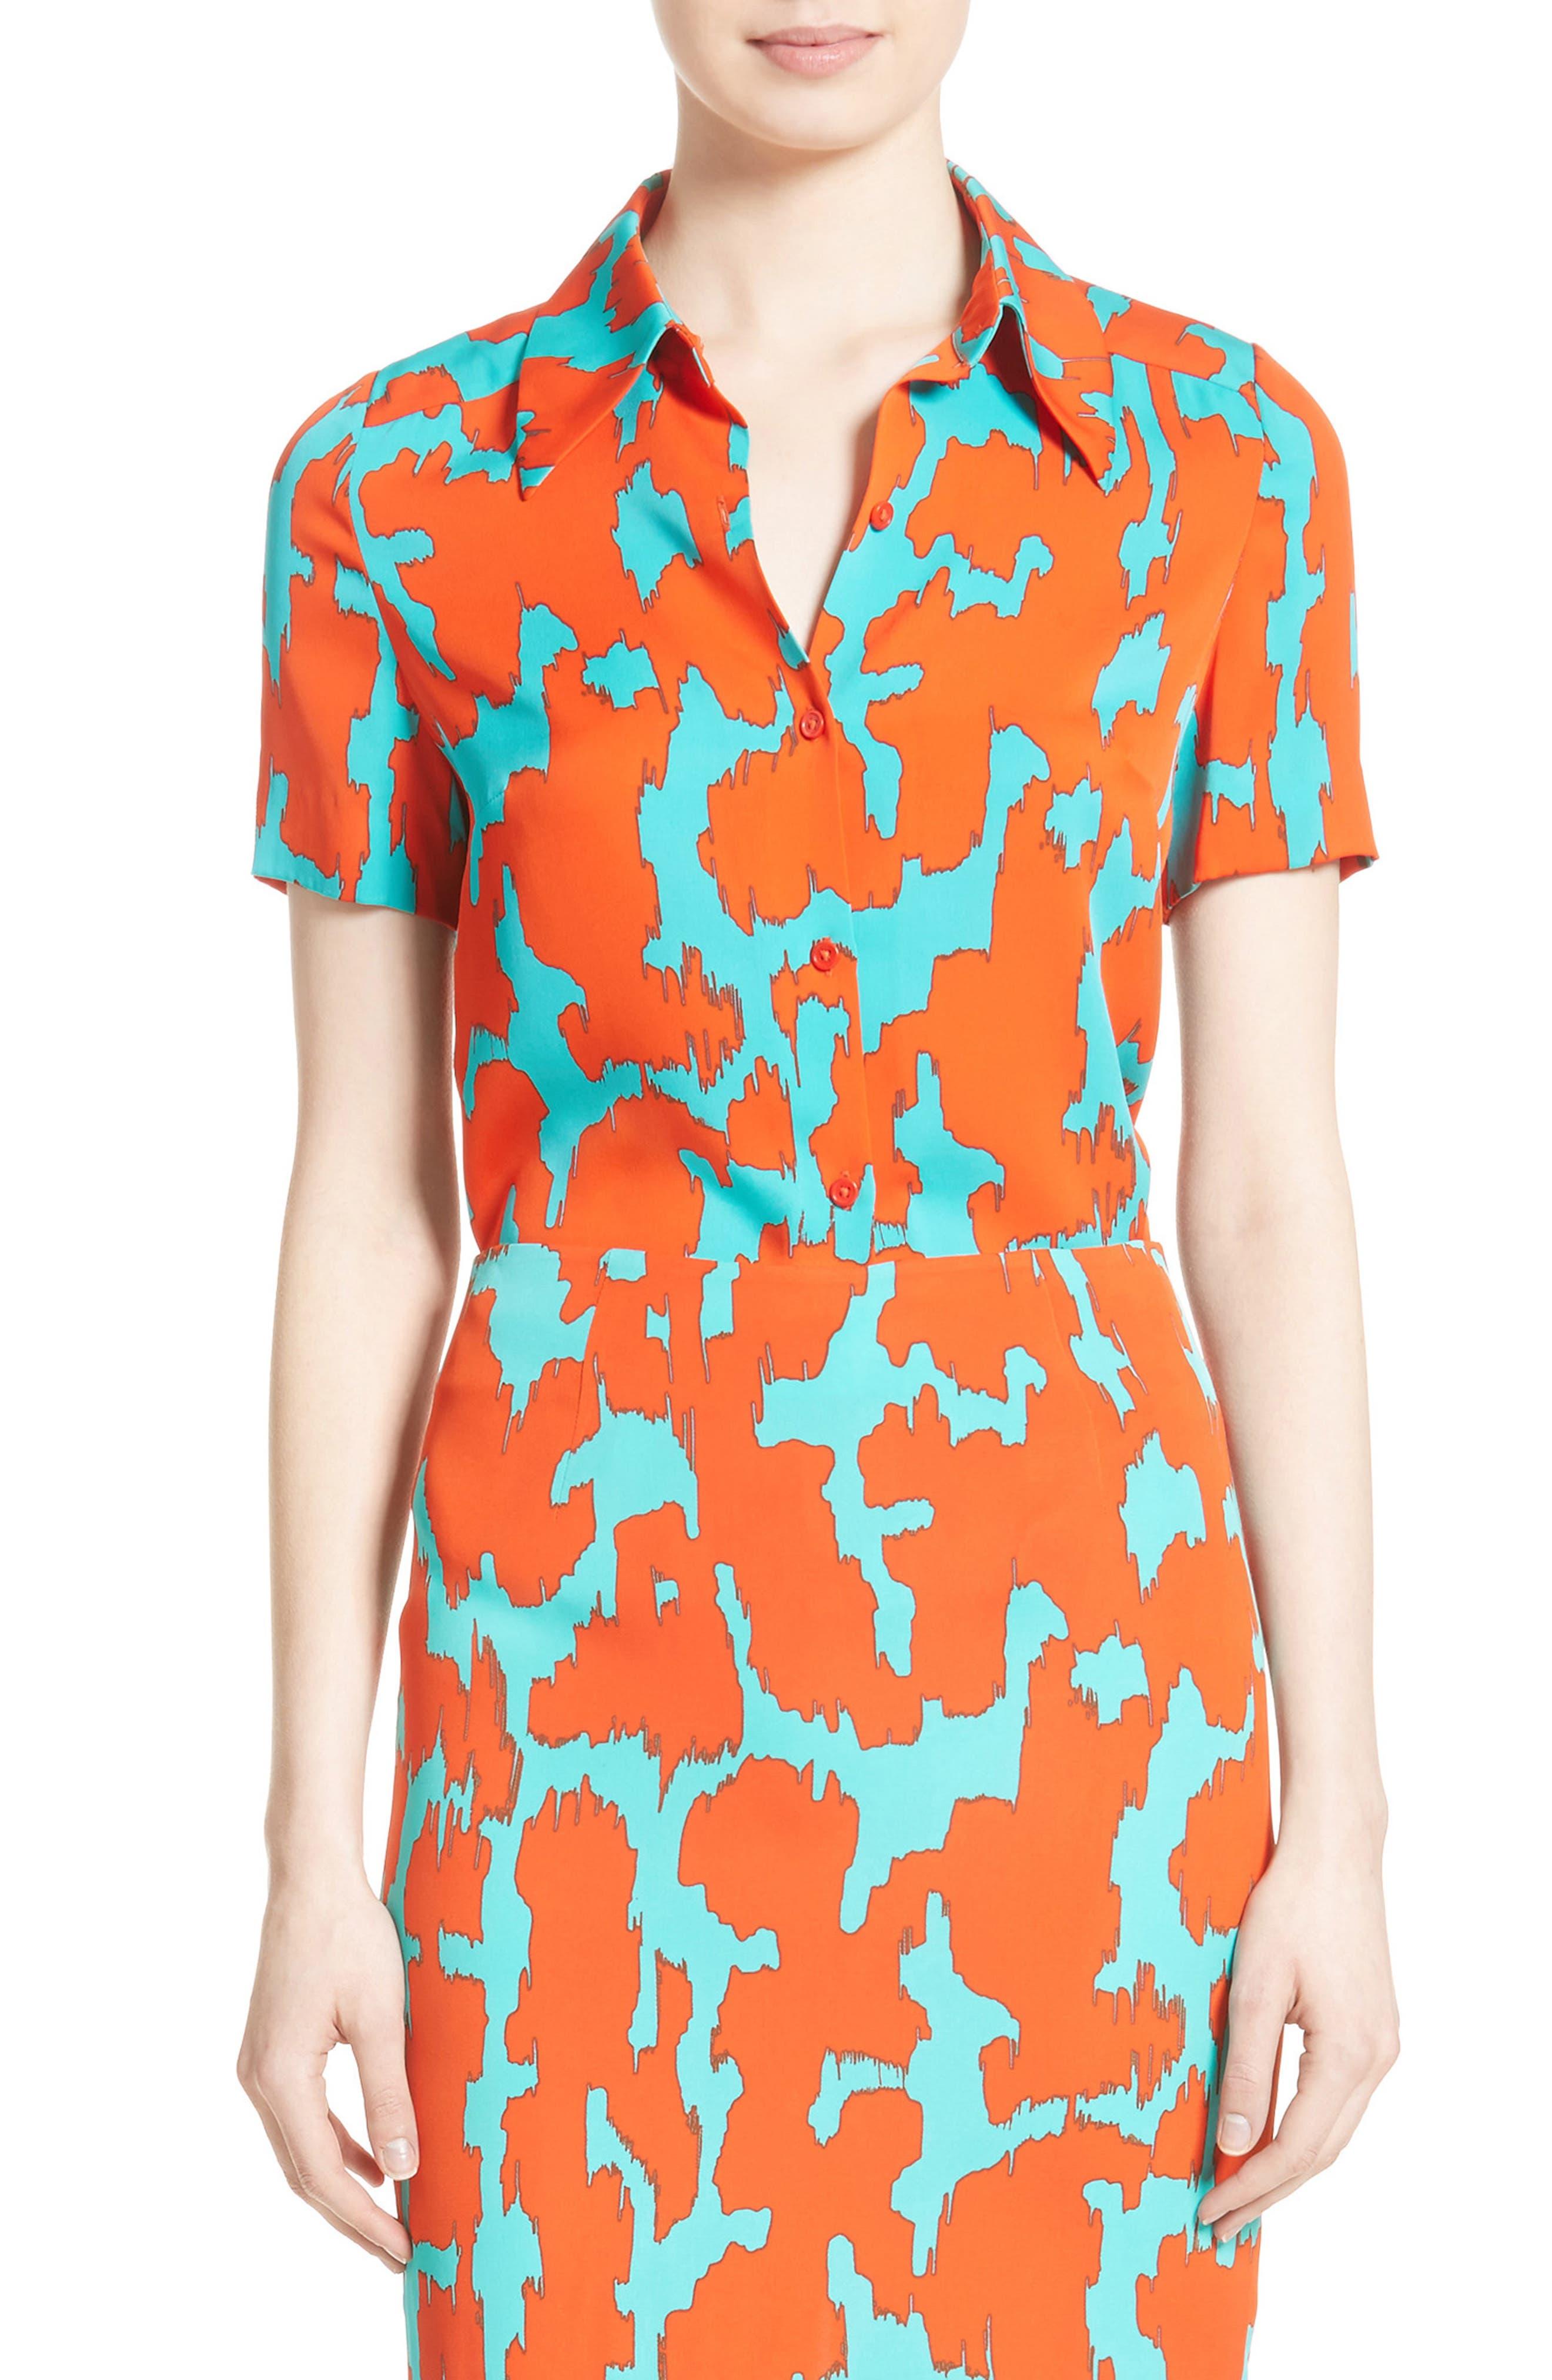 Alternate Image 1 Selected - Diane von Furstenburg Print Stretch Silk Shirt